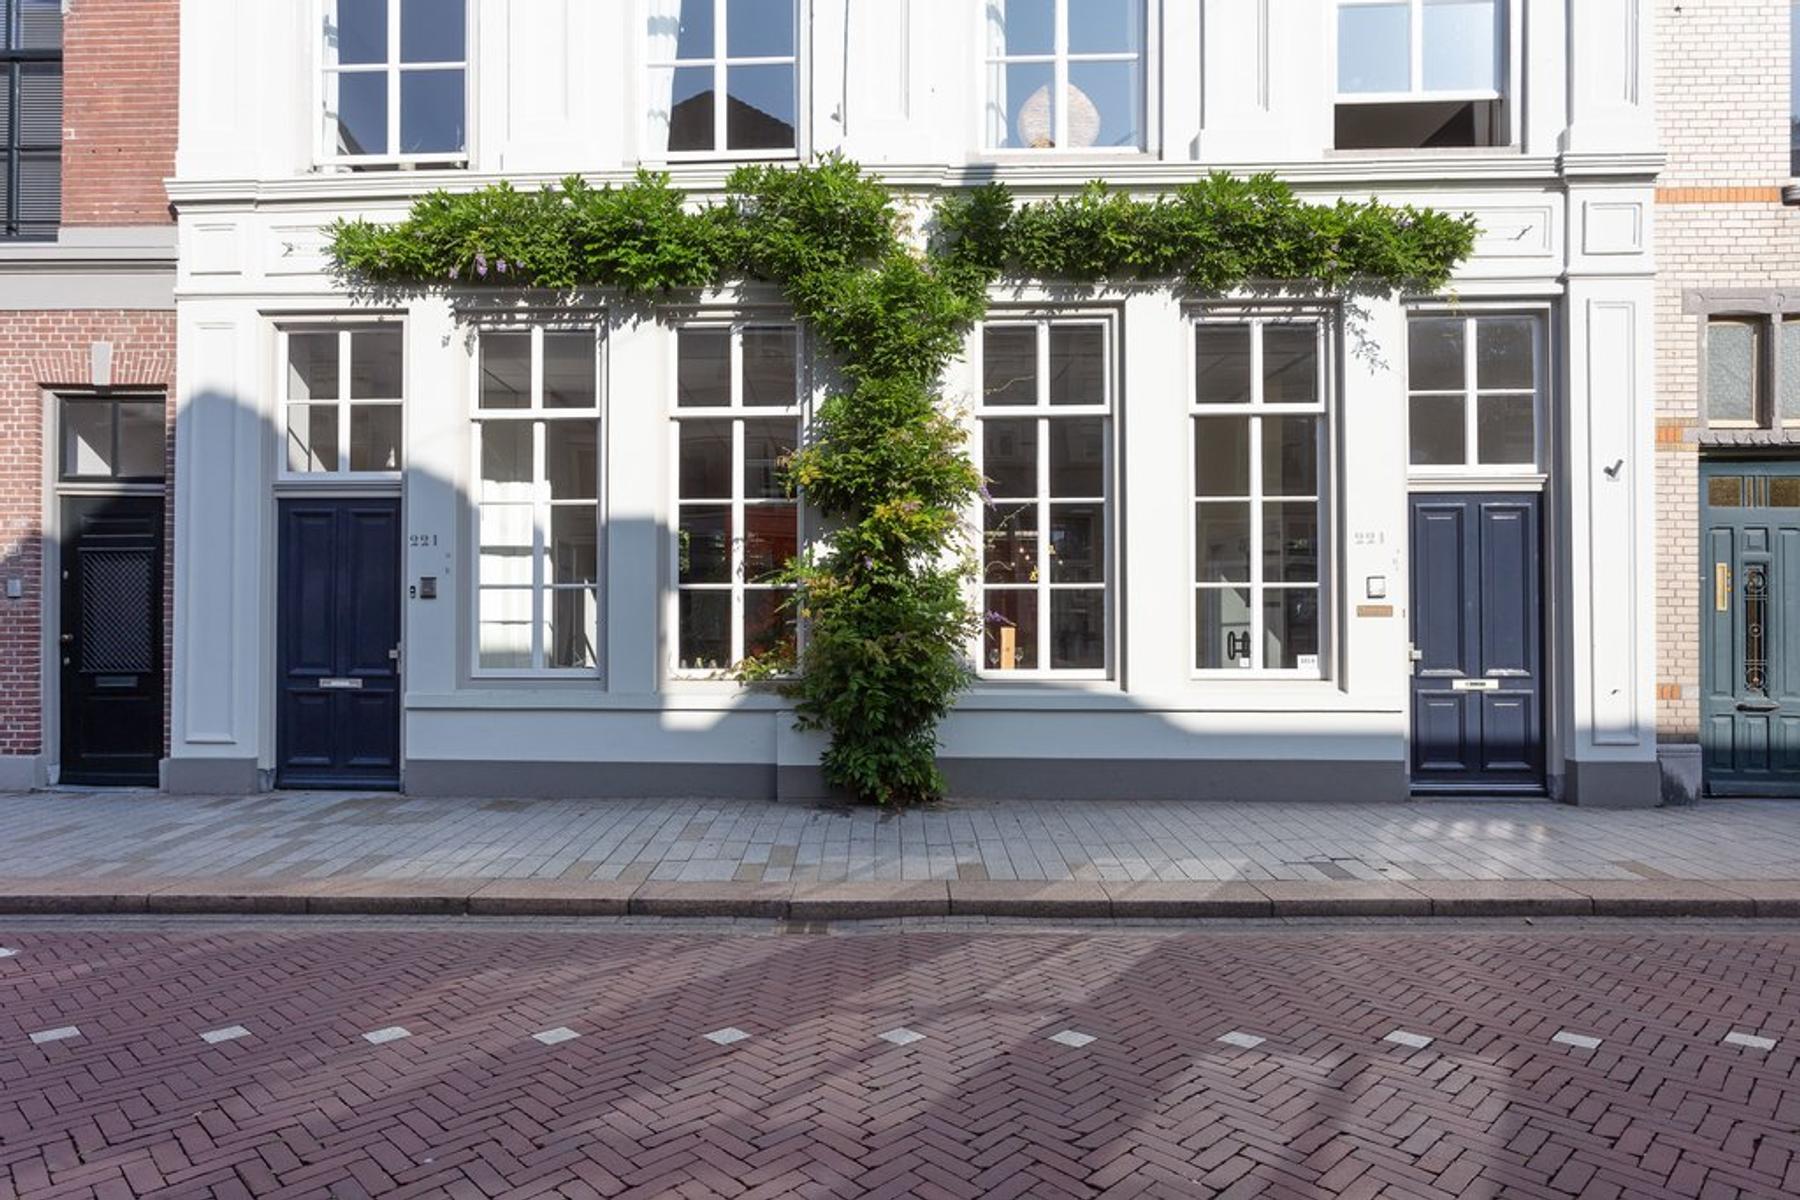 Vughterstraat 221 B+C in 'S-Hertogenbosch 5211 GD